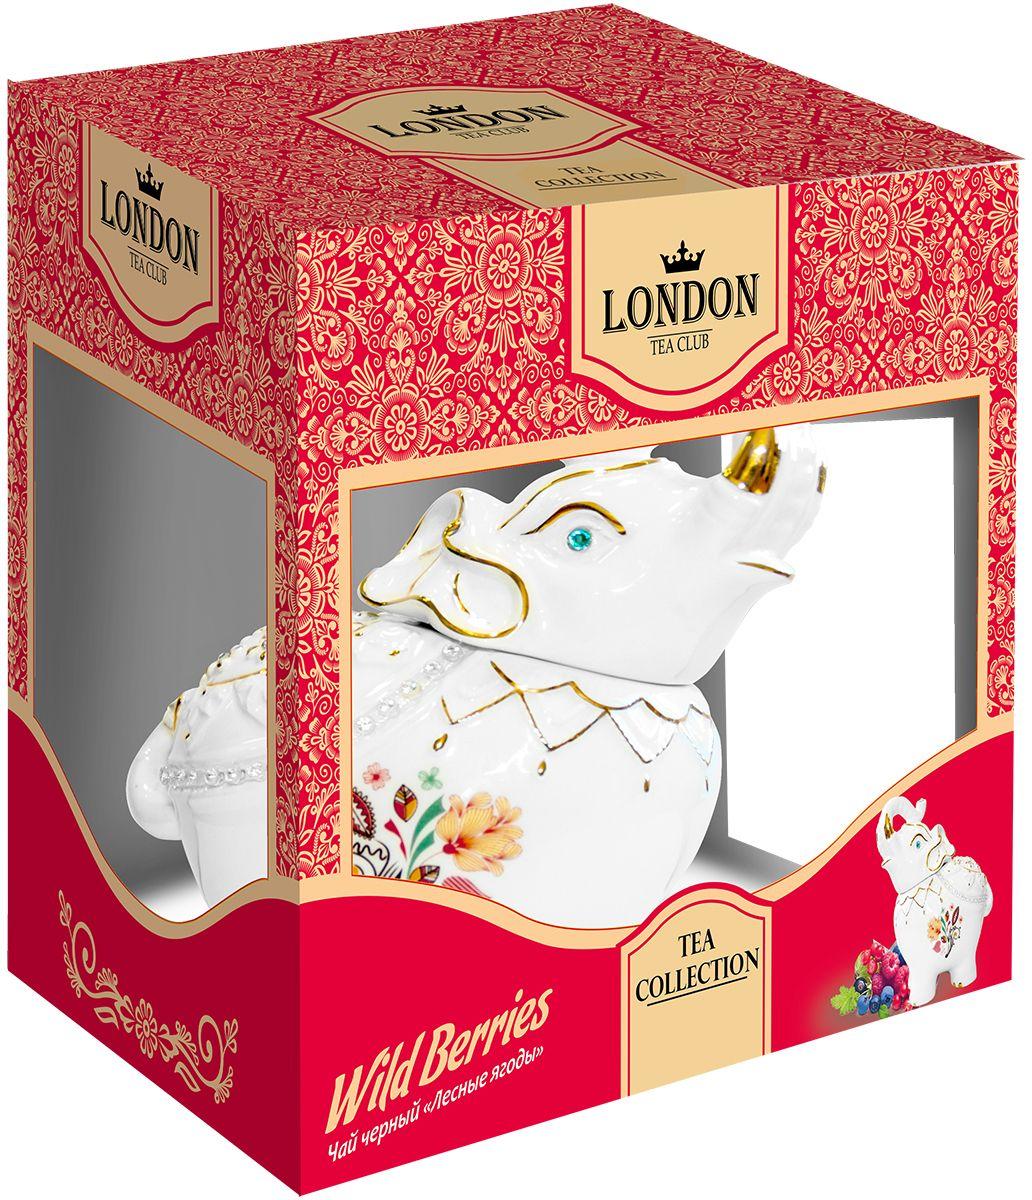 London Tea Club Лесные ягоды чай черный в чайнице, 50 г4607051542501Ароматная смесь черного чая и цельных лесных ягод, которые придают напитку особый ягодный вкус. Этот благоухающий чай создает приятное летнее настроение, прекрасно восстанавливает силы.Всё о чае: сорта, факты, советы по выбору и употреблению. Статья OZON Гид